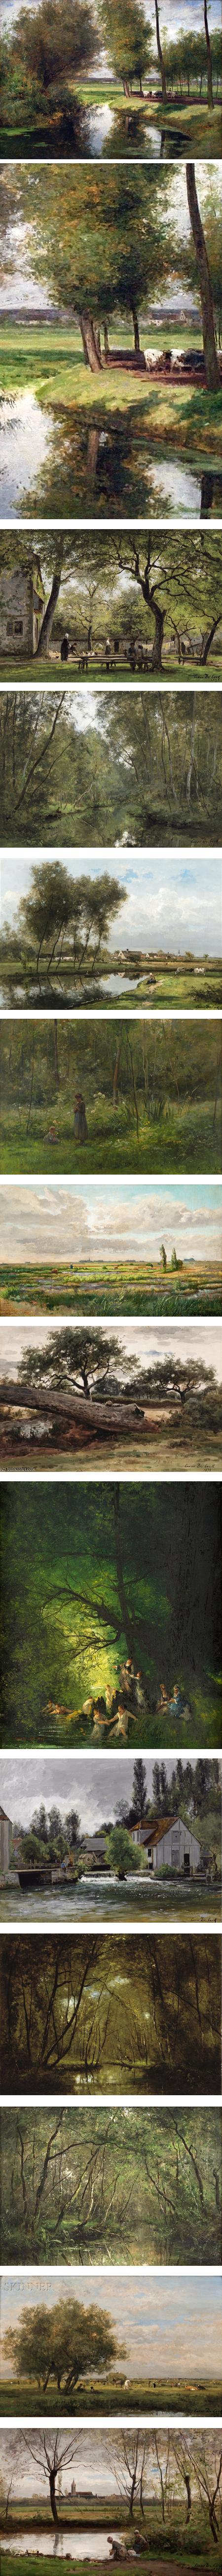 Cesar de Cock, Belgian landscape painter